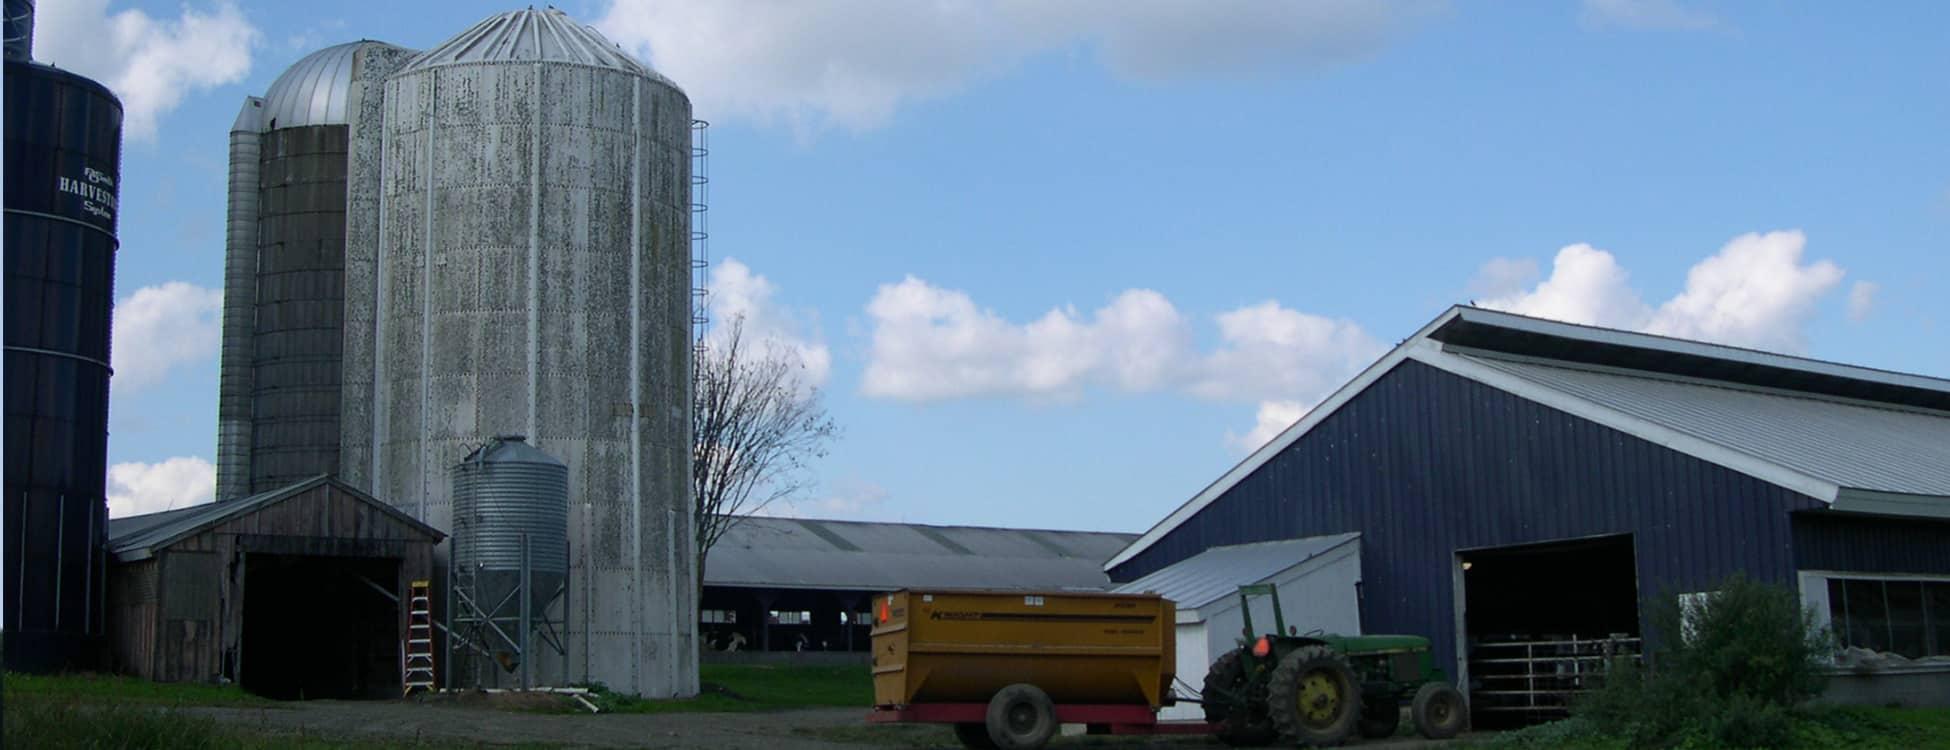 Norwich Farm, Norwich